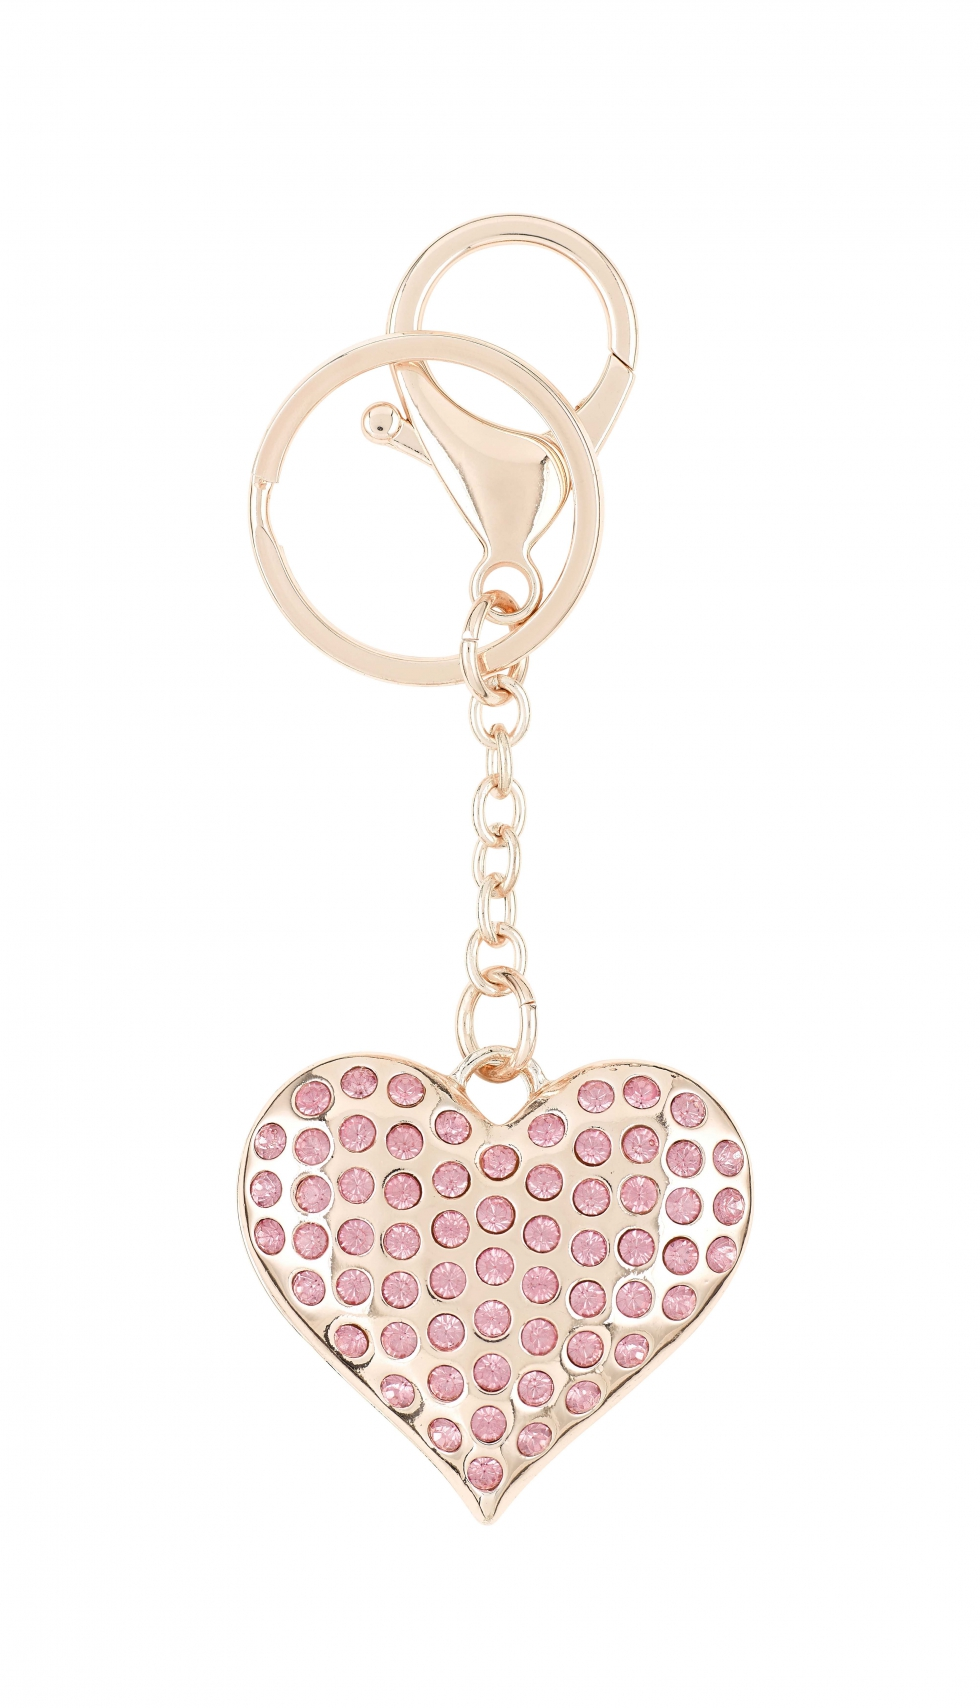 Asda Tickled Pink heart-shaped keyring